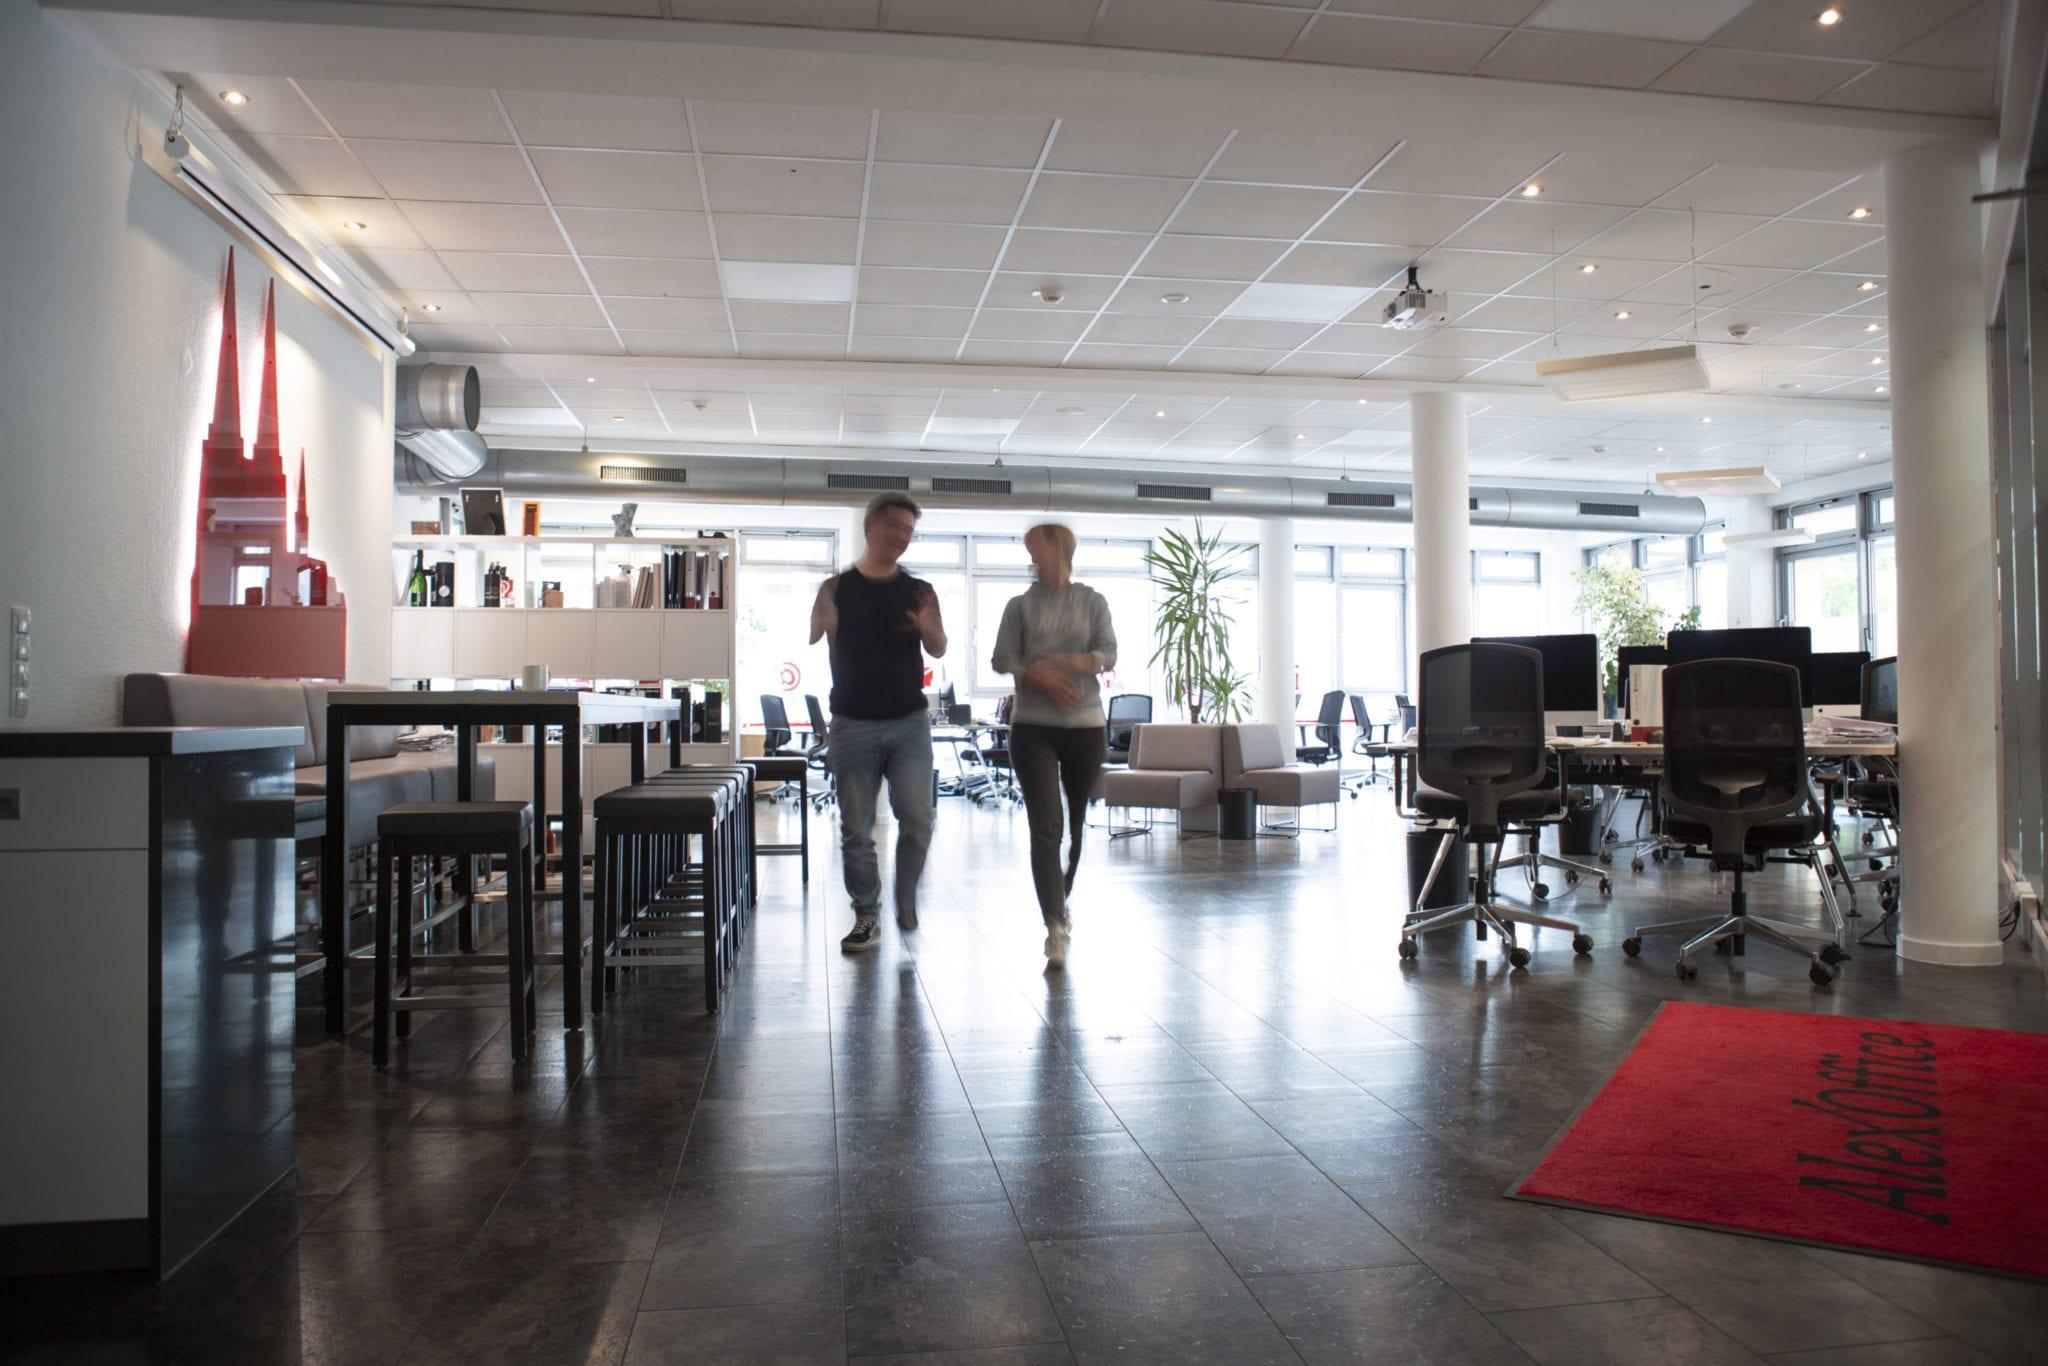 Zwei Menschen in einem Büro, die sich beim Gehen unterhalten